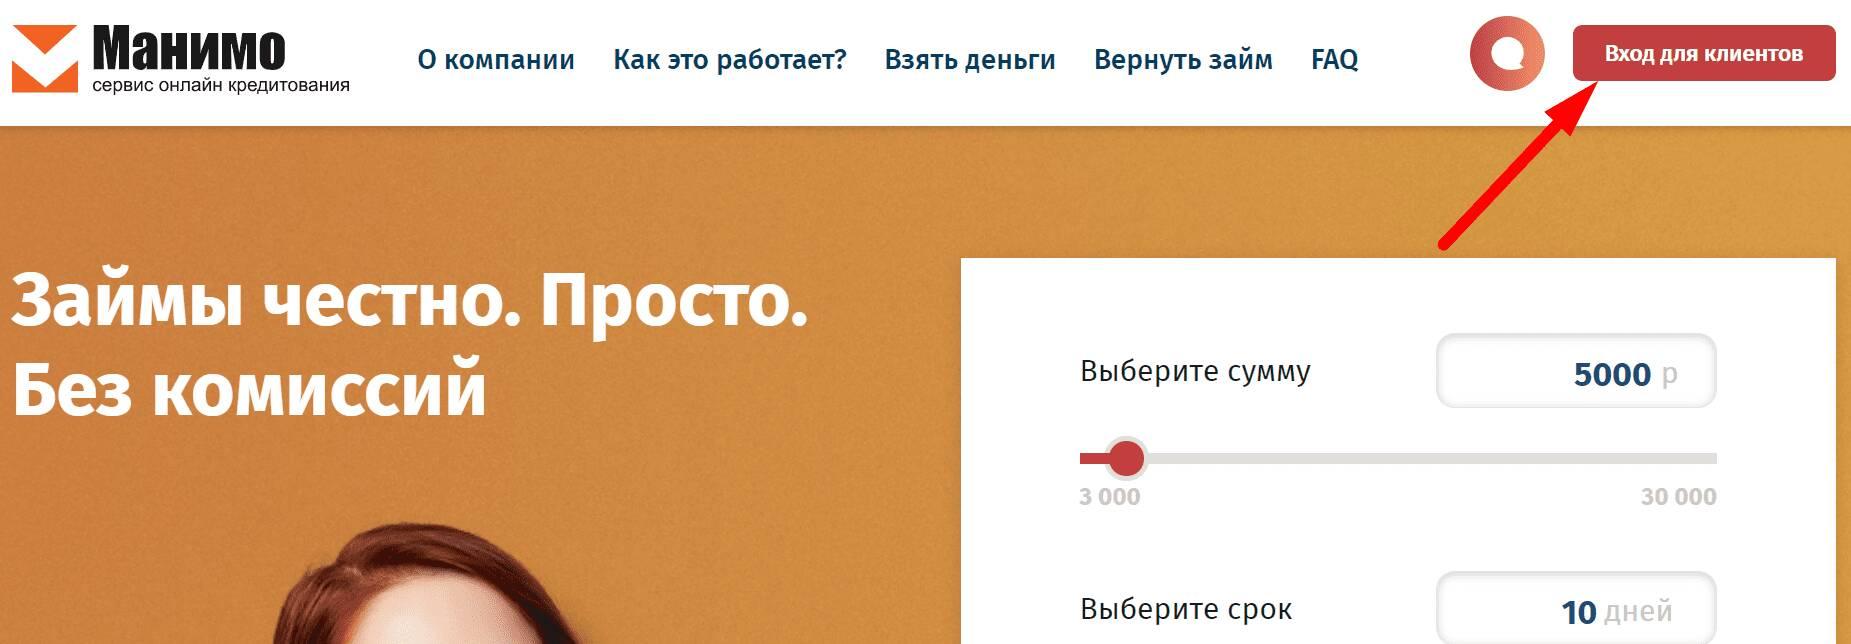 Официальный сайт сервиса «МАНИМО»